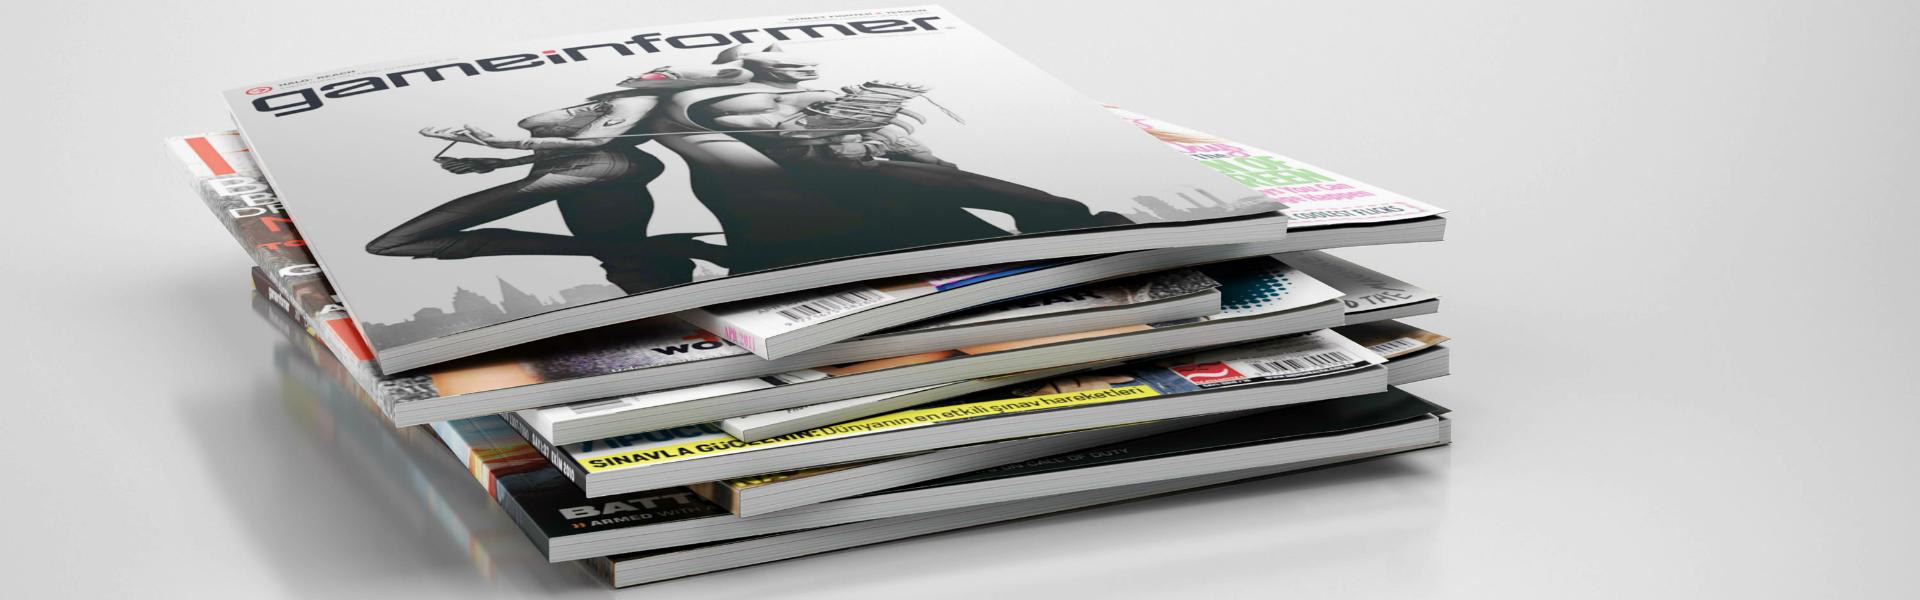 Печать рекламных журналов в Москве | фото 3